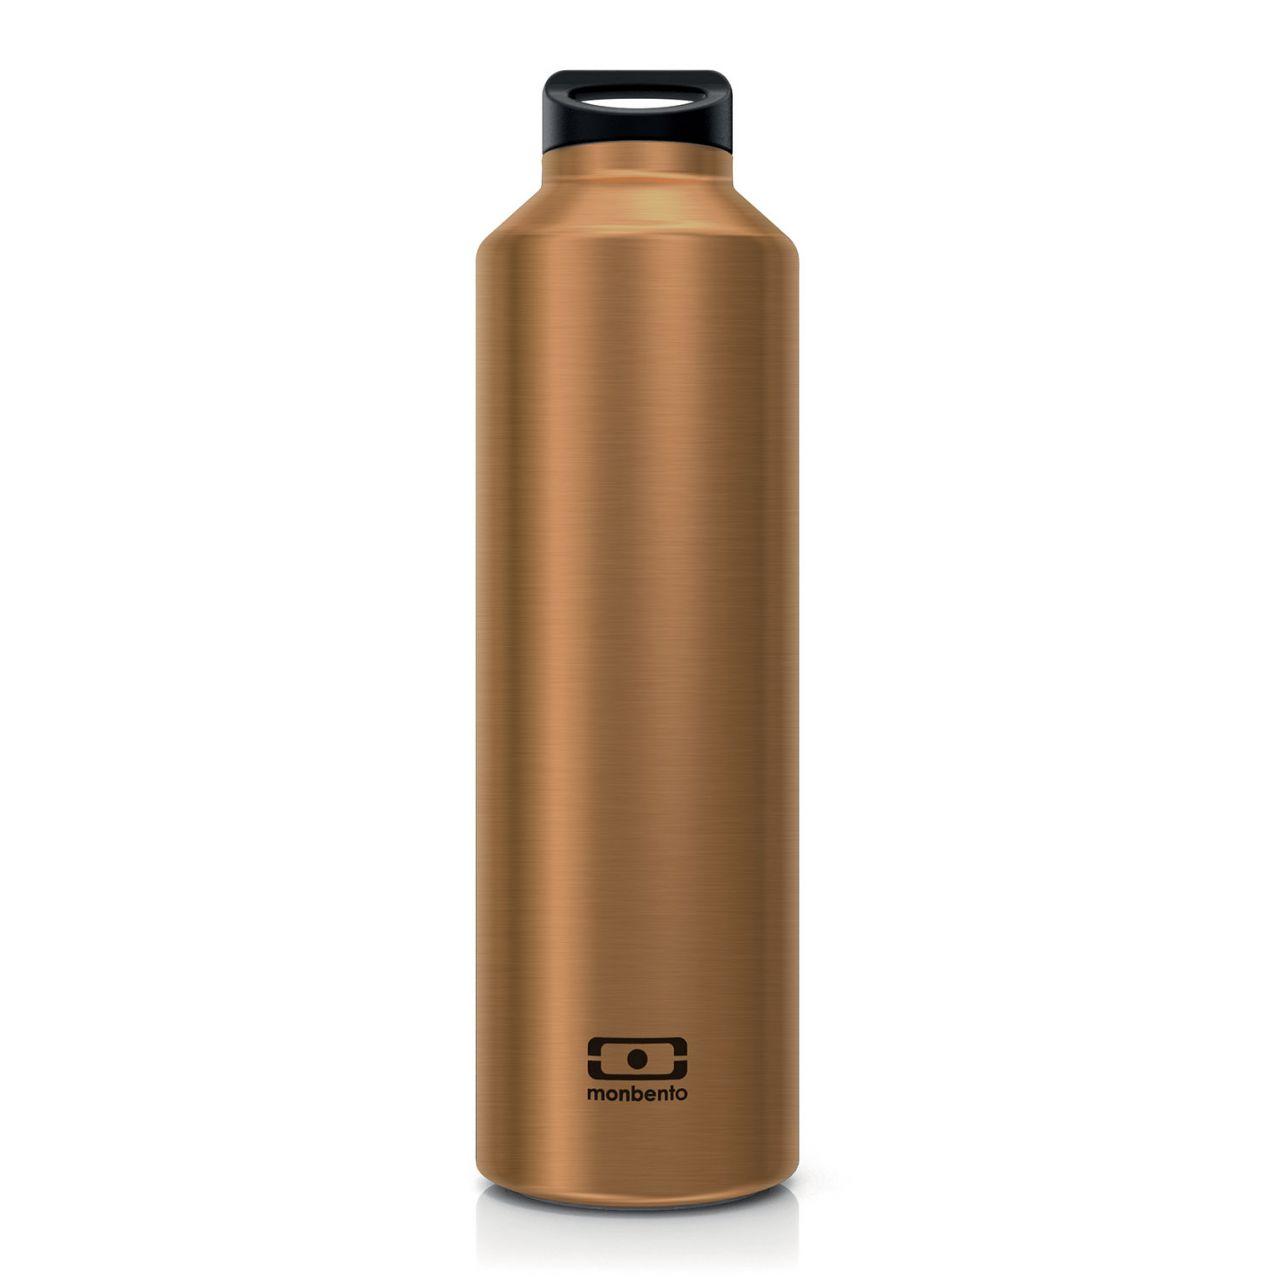 Monbento - Steel Thermosflasche inkl.Siebeinsatz 0,5 L 401101111_STD